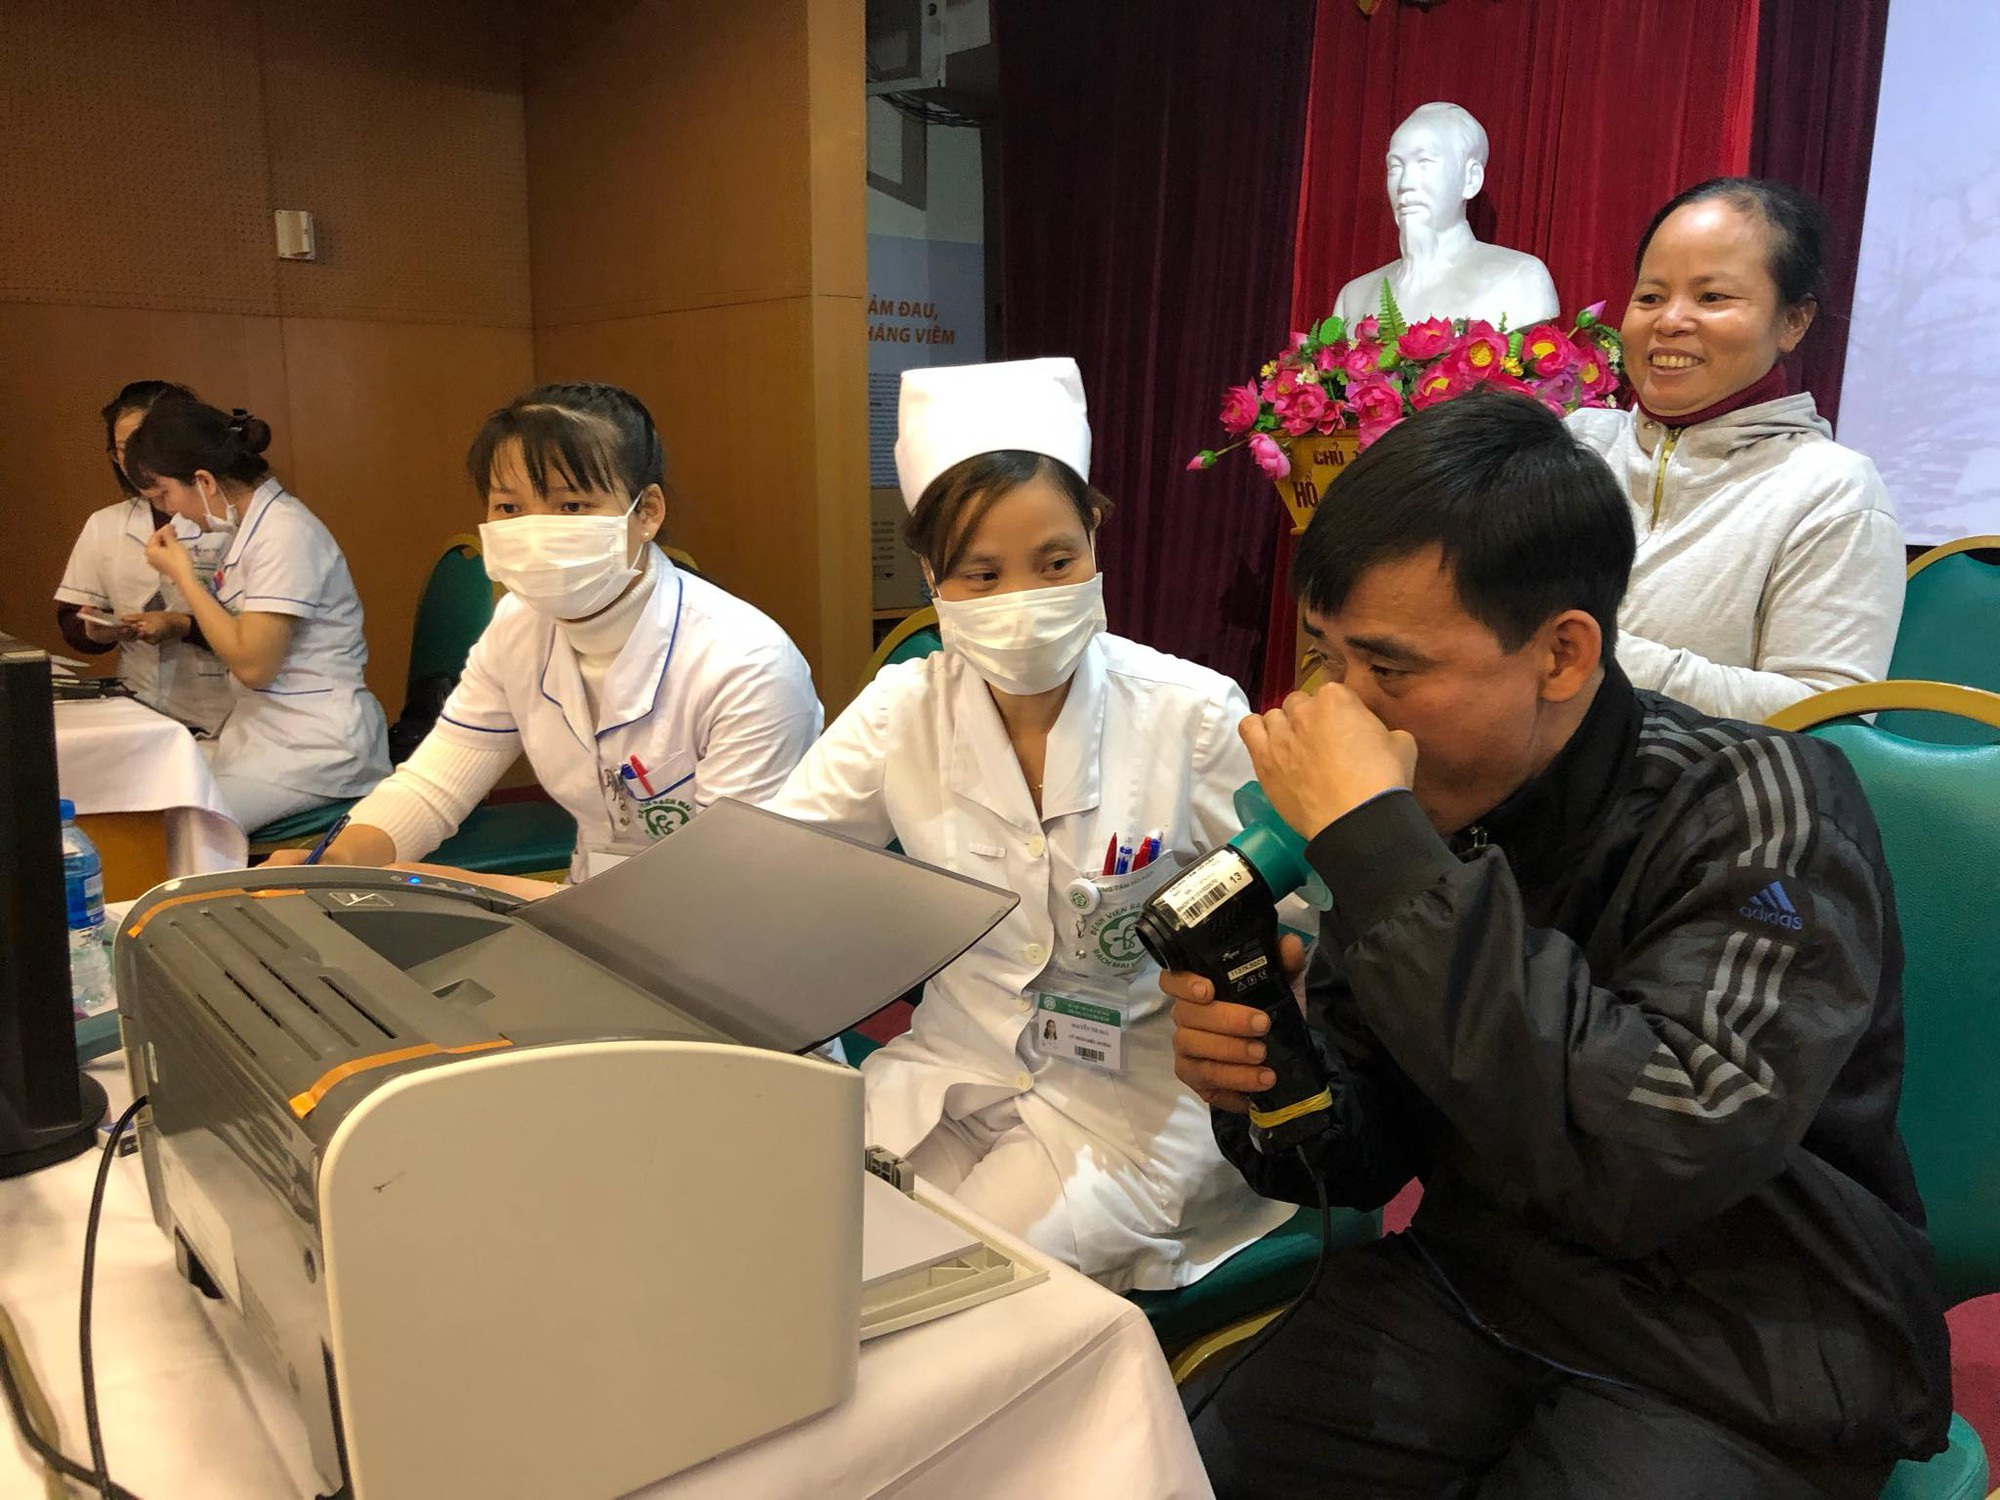 Rét lạnh, nhiều bệnh nhân phổi tắc nghẽn mãn tính nhập viện vì cơn kịch phát, phải thở máy - Ảnh 1.